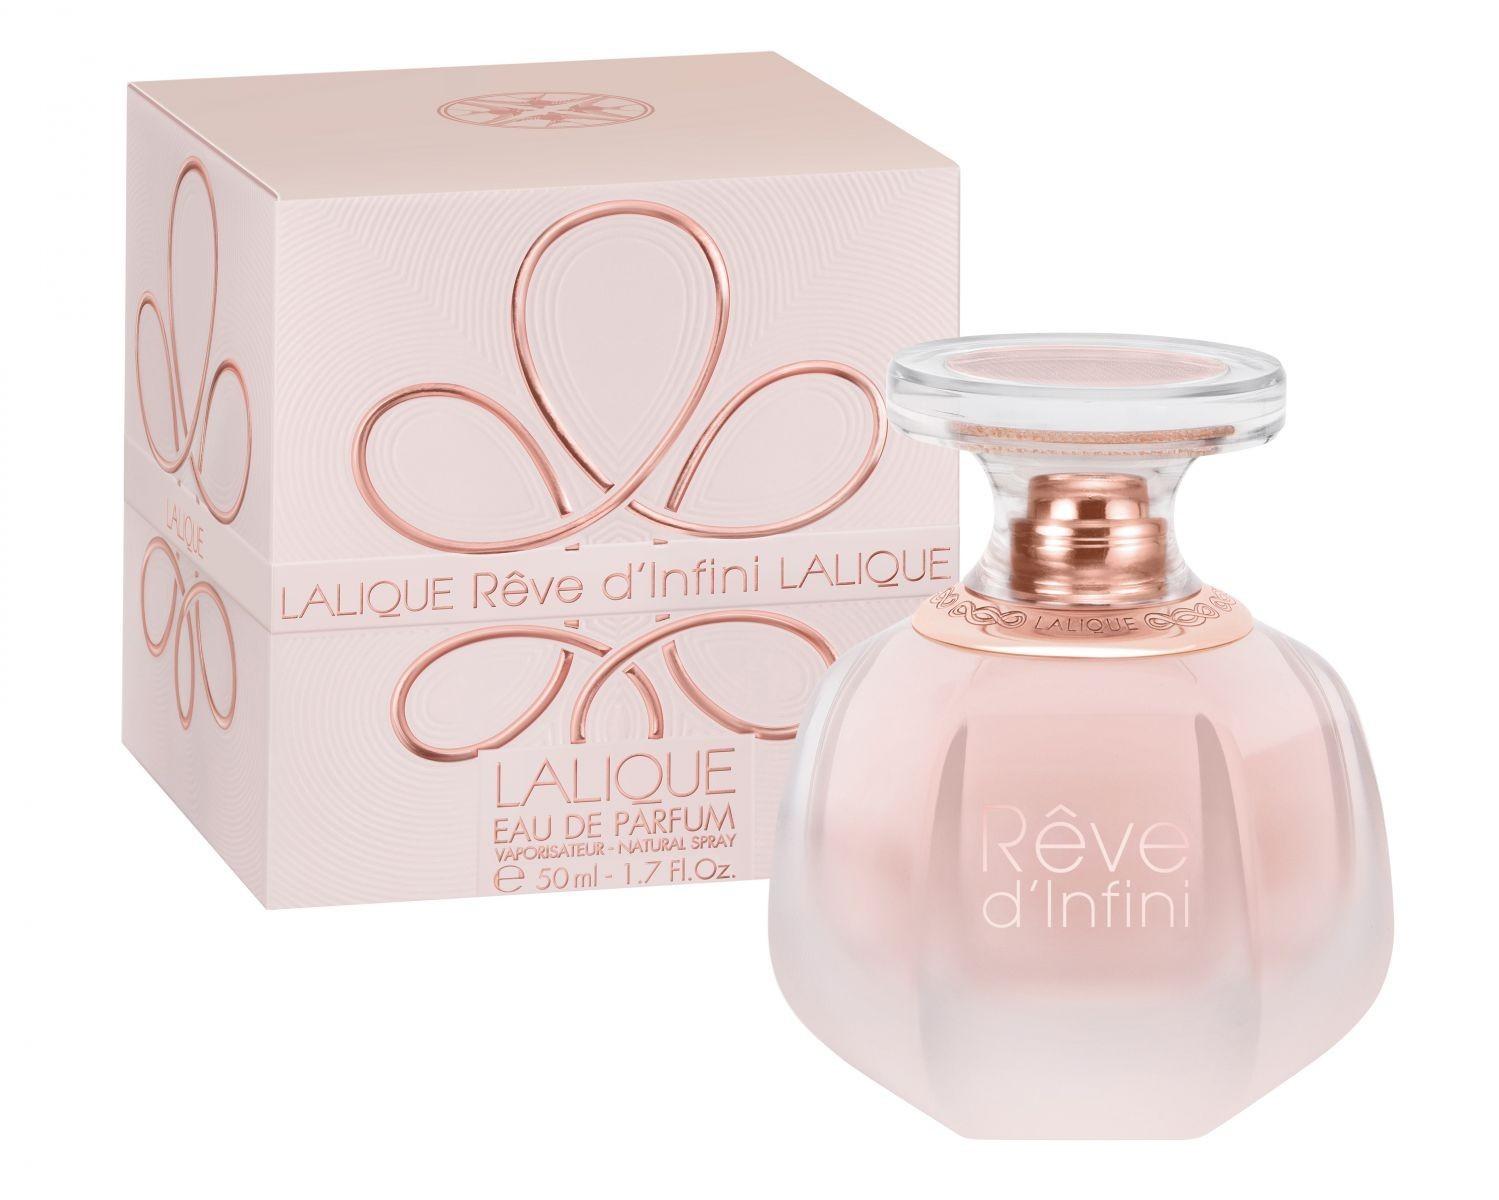 Lalique Rеve d'Infini аромат для женщин